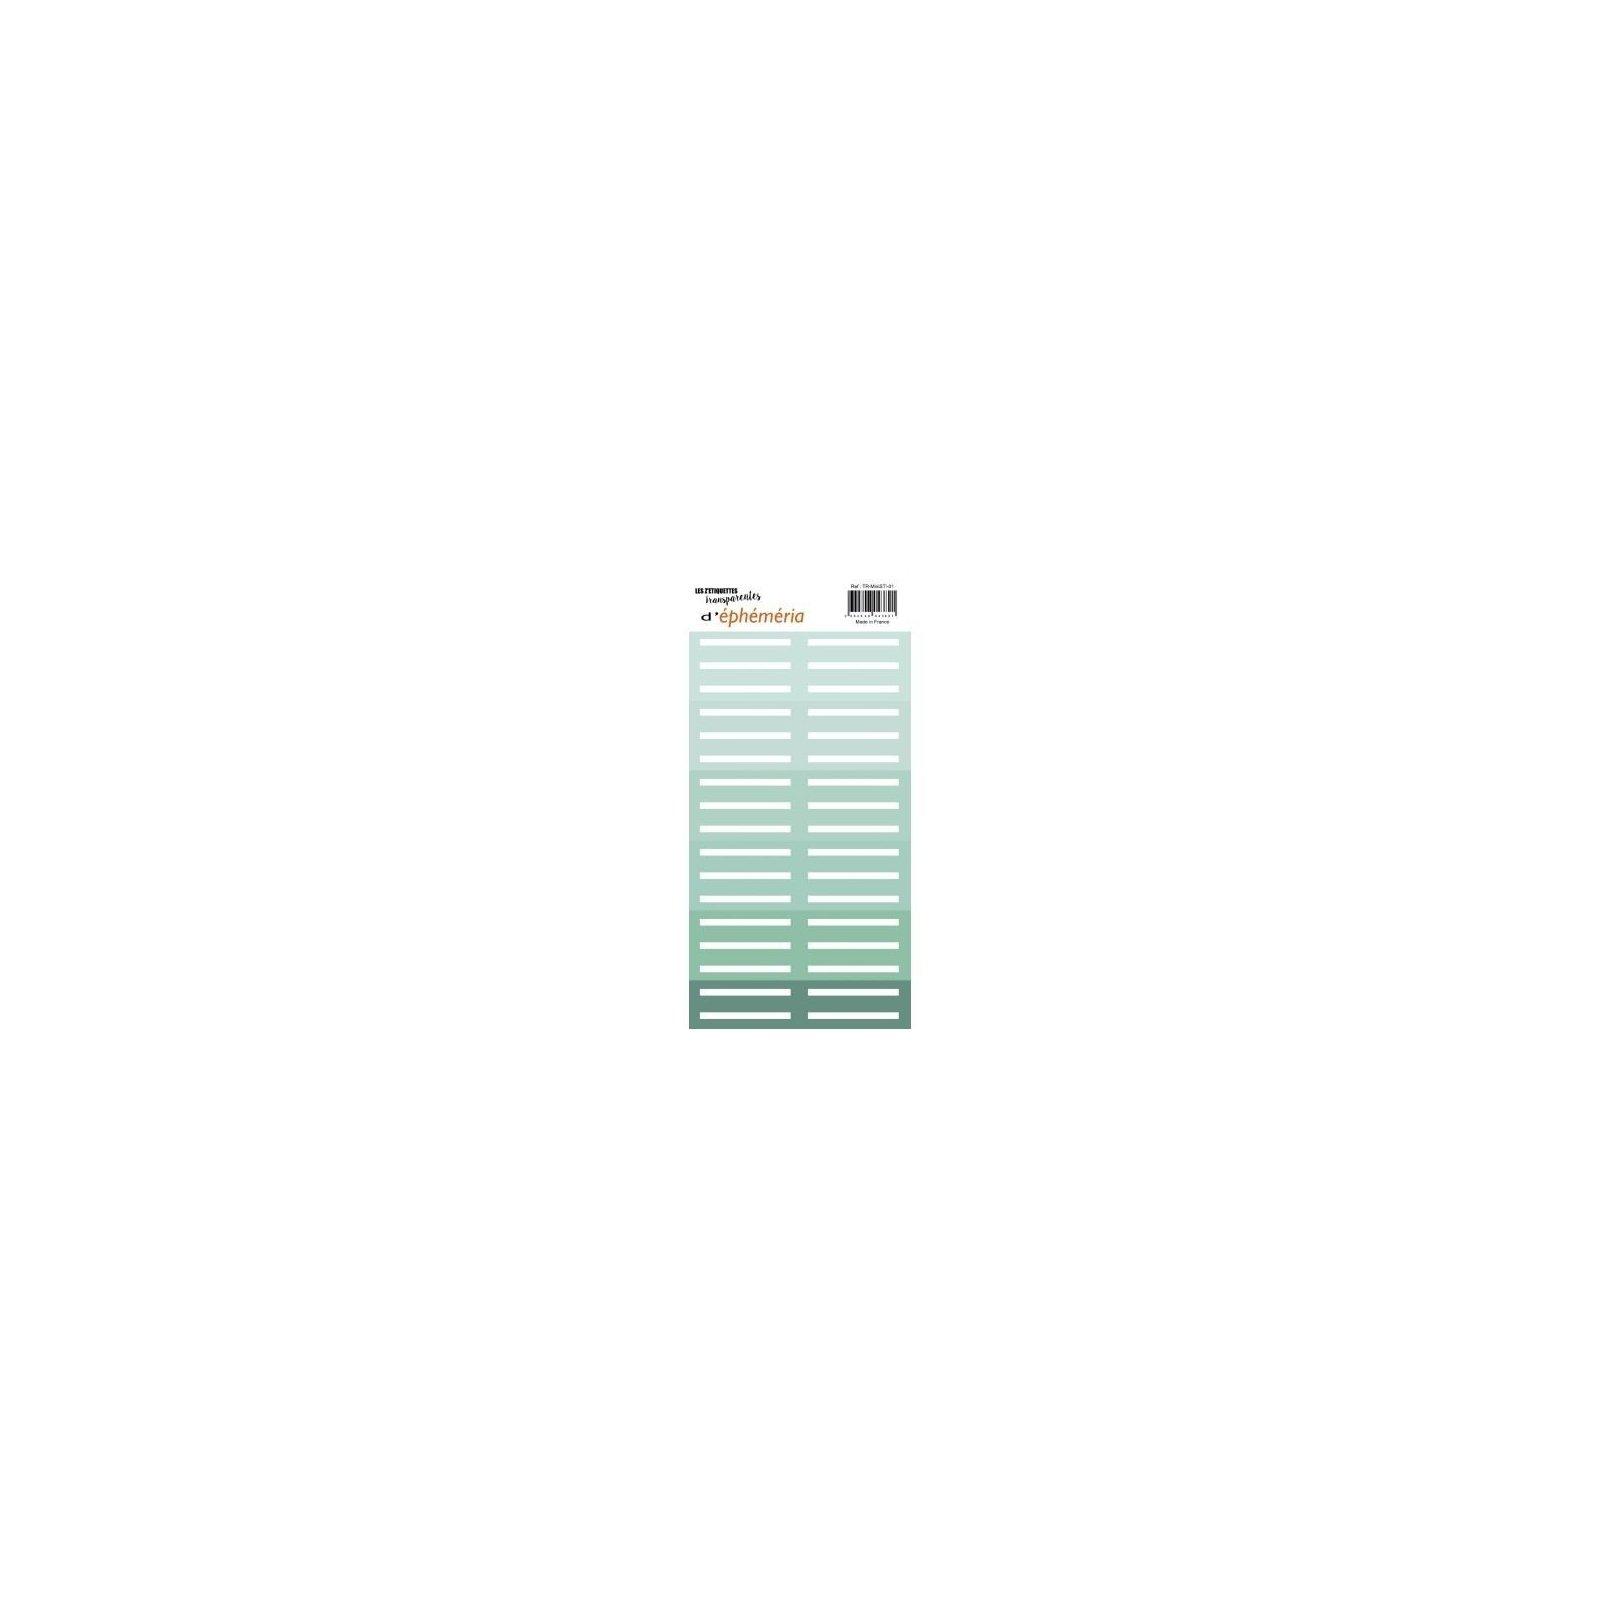 Les z'étiquettes transparentes - Nuances de mint - Ephemeria